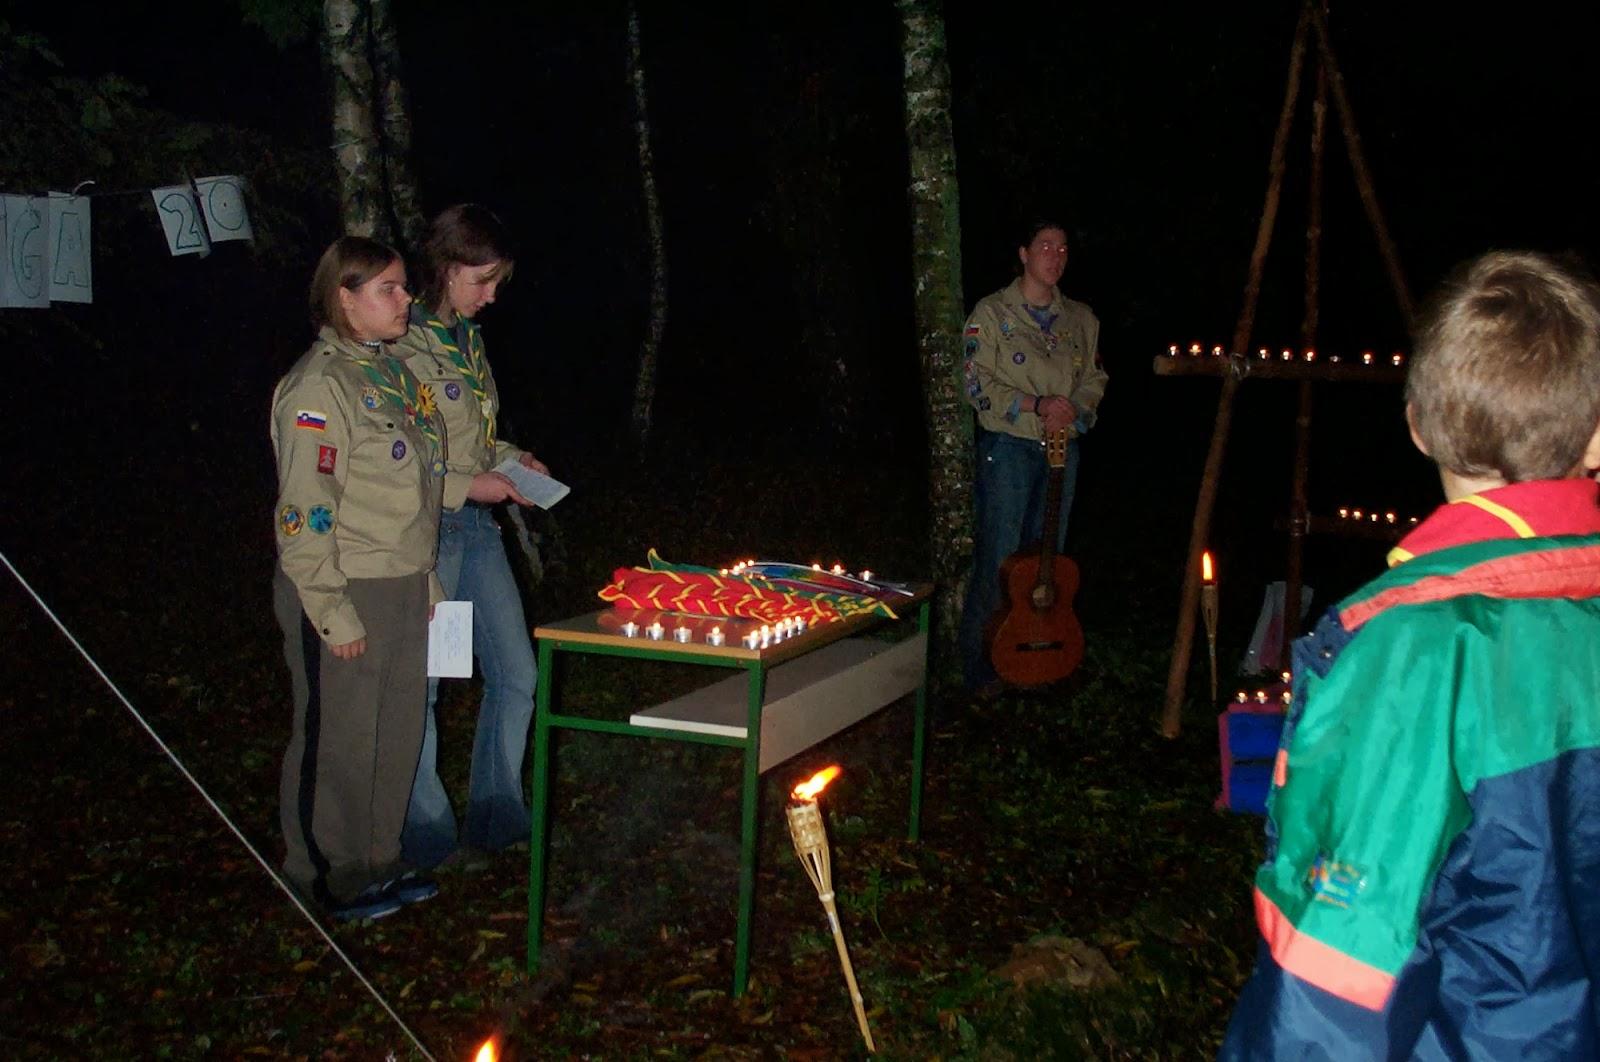 Prisega, Ilirska Bistrica 2004 - Prisega%2B2004%2B010.jpg